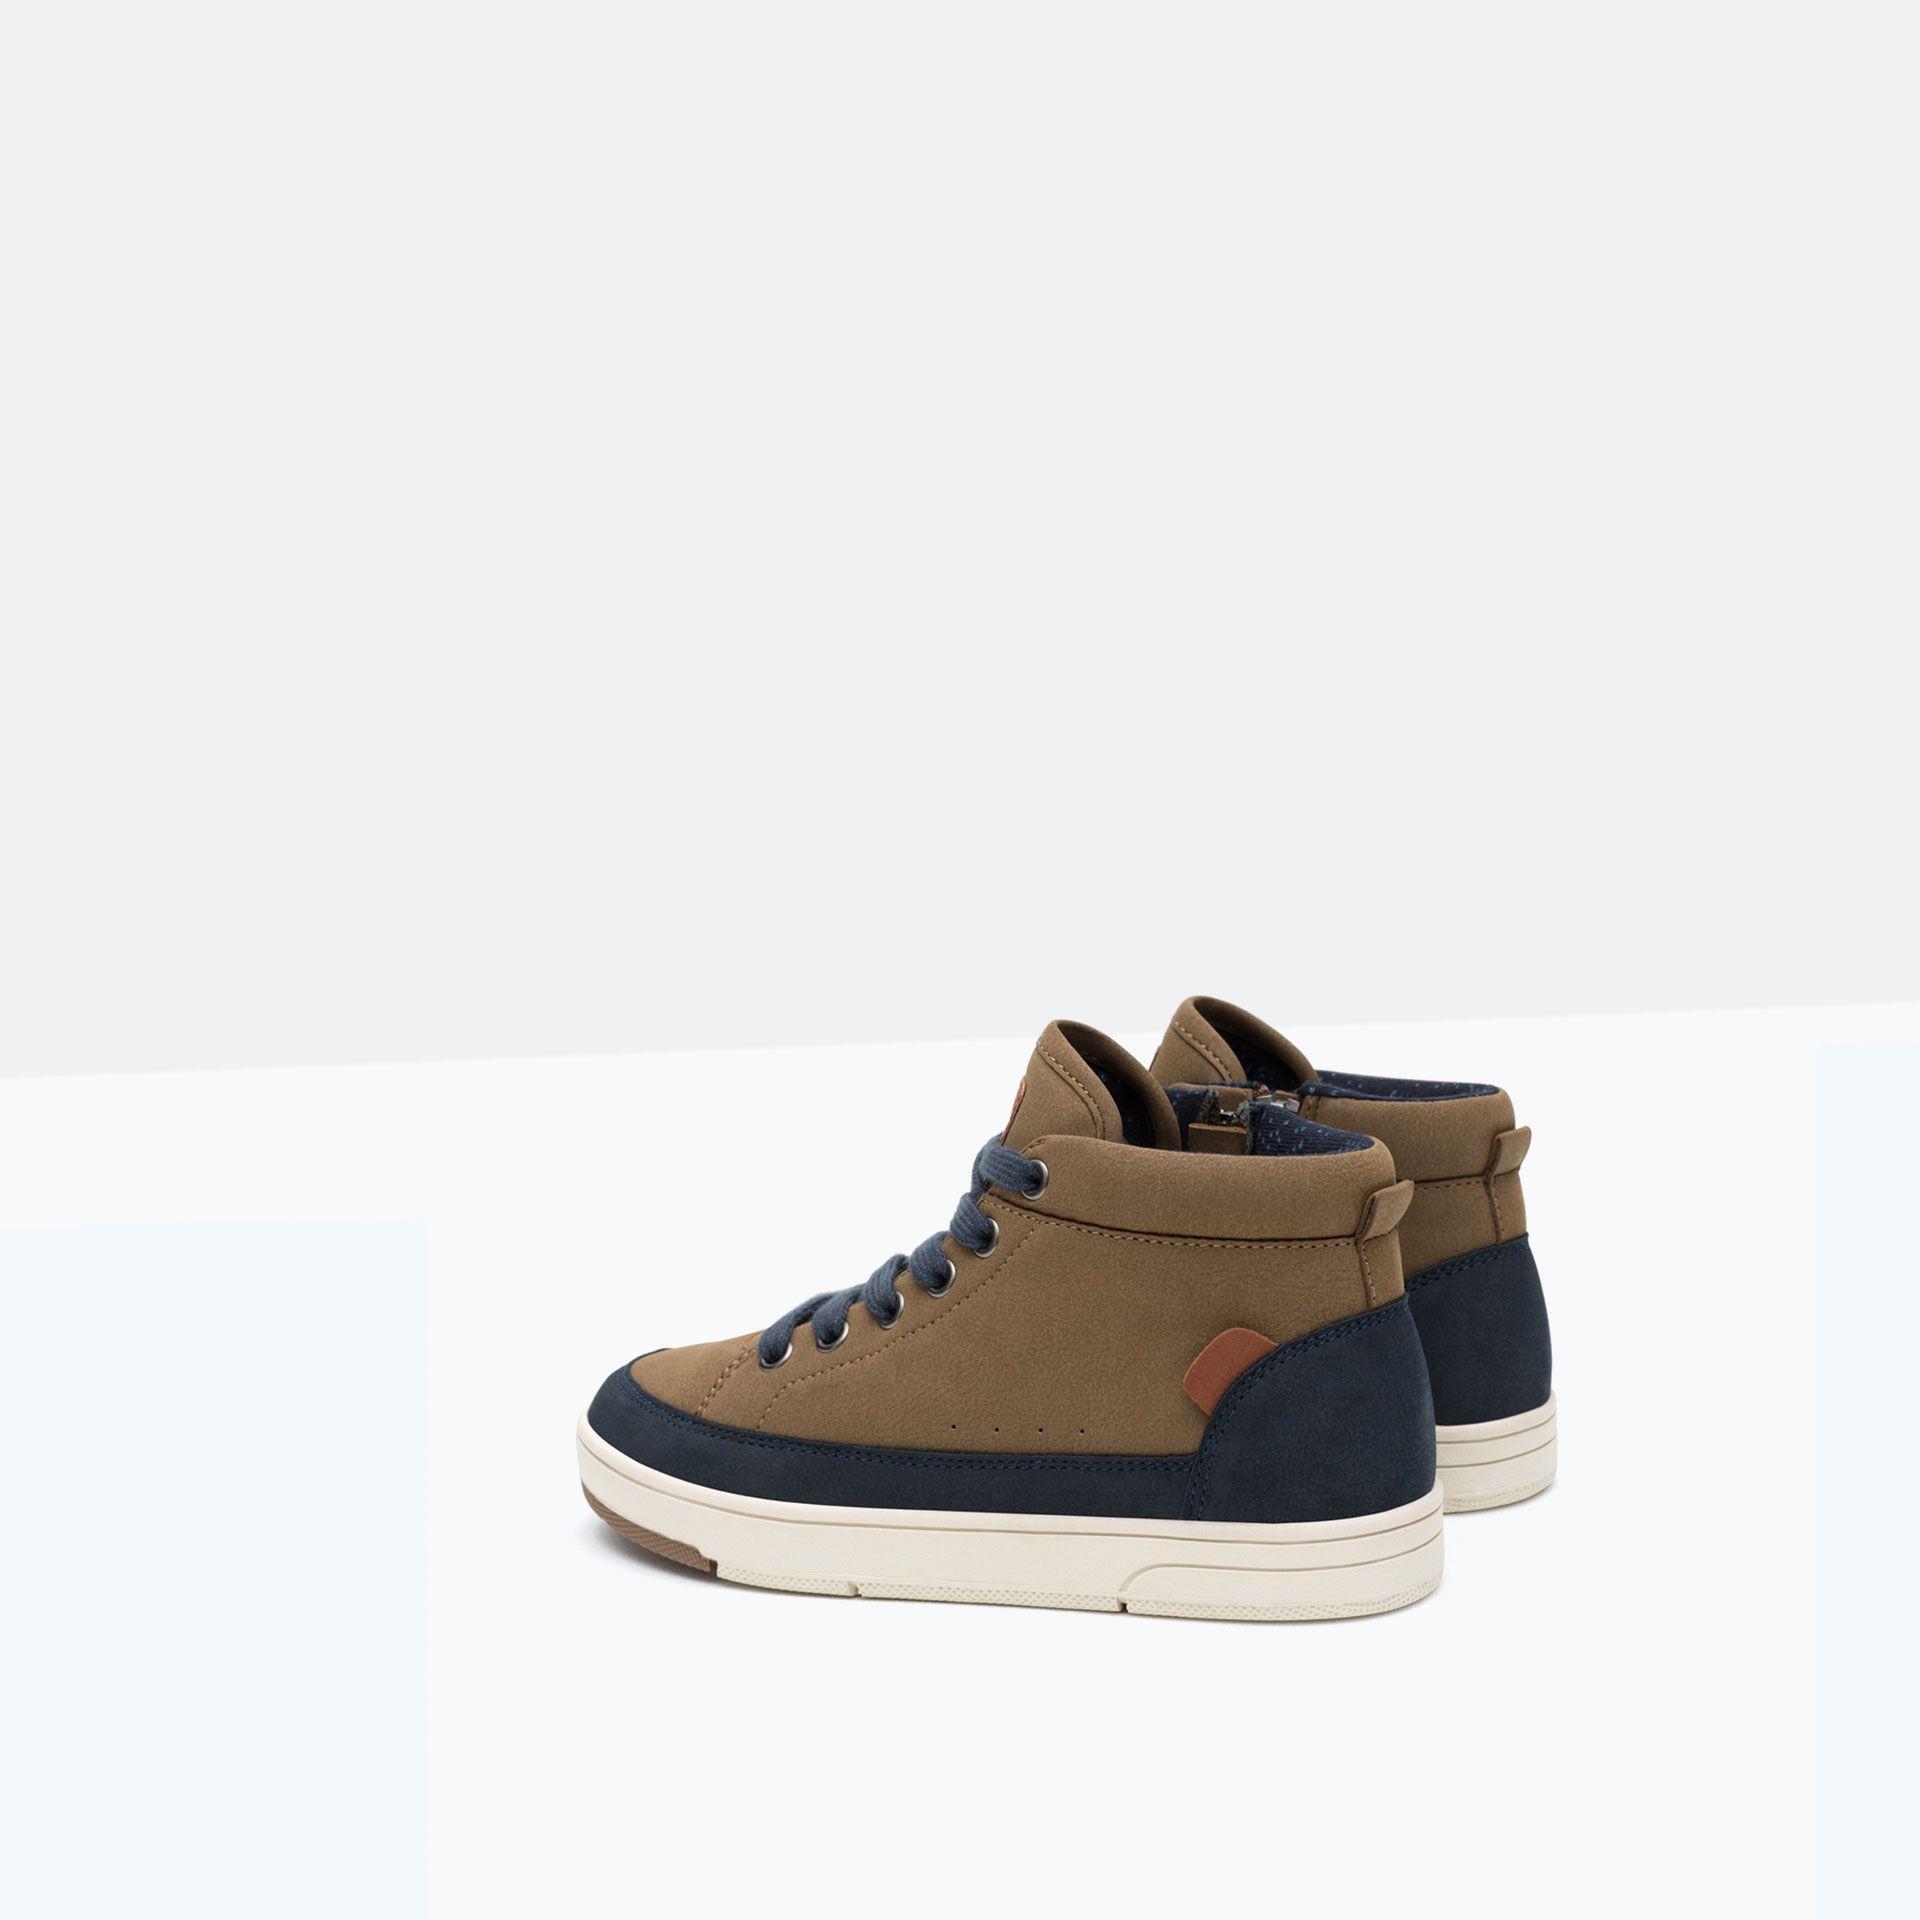 d3c8cae9 BASKET DETALLE TALÓN - Zapatos - Niño - Niños | 4 - 14 años - NIÑOS | ZARA  España